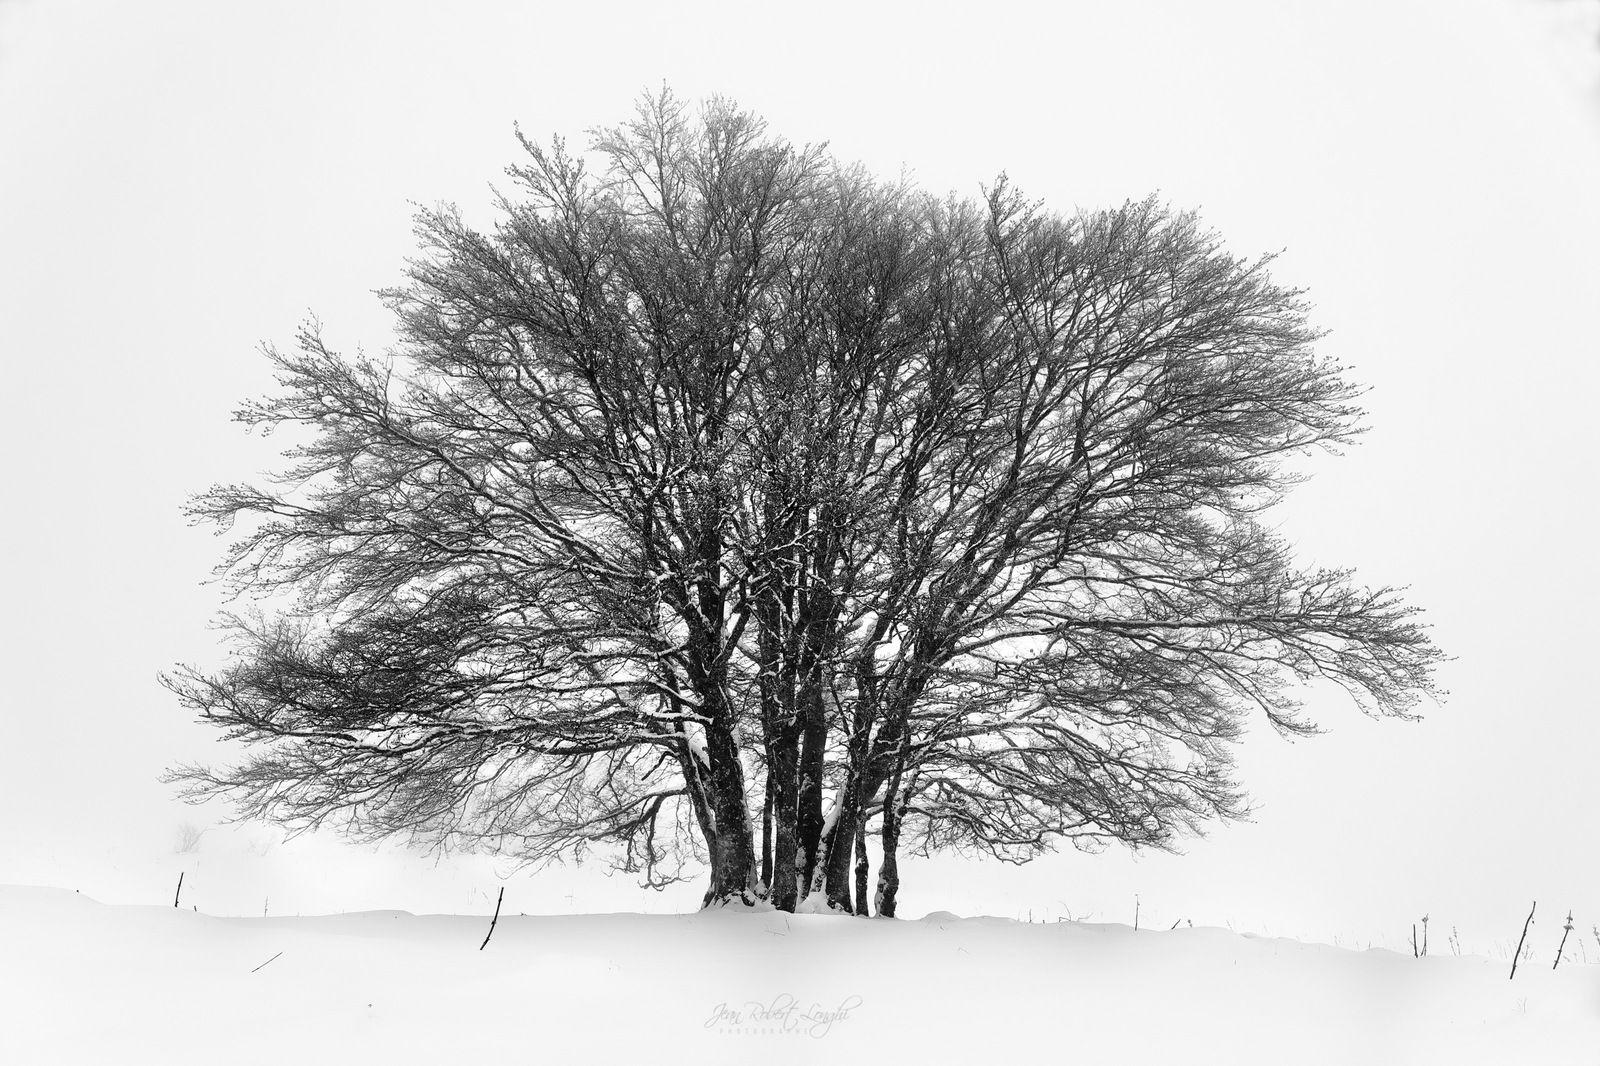 Le Larmont - Hiver - 17 - ©2021 Jean-Robert Longhi Photographie non libre de droits.